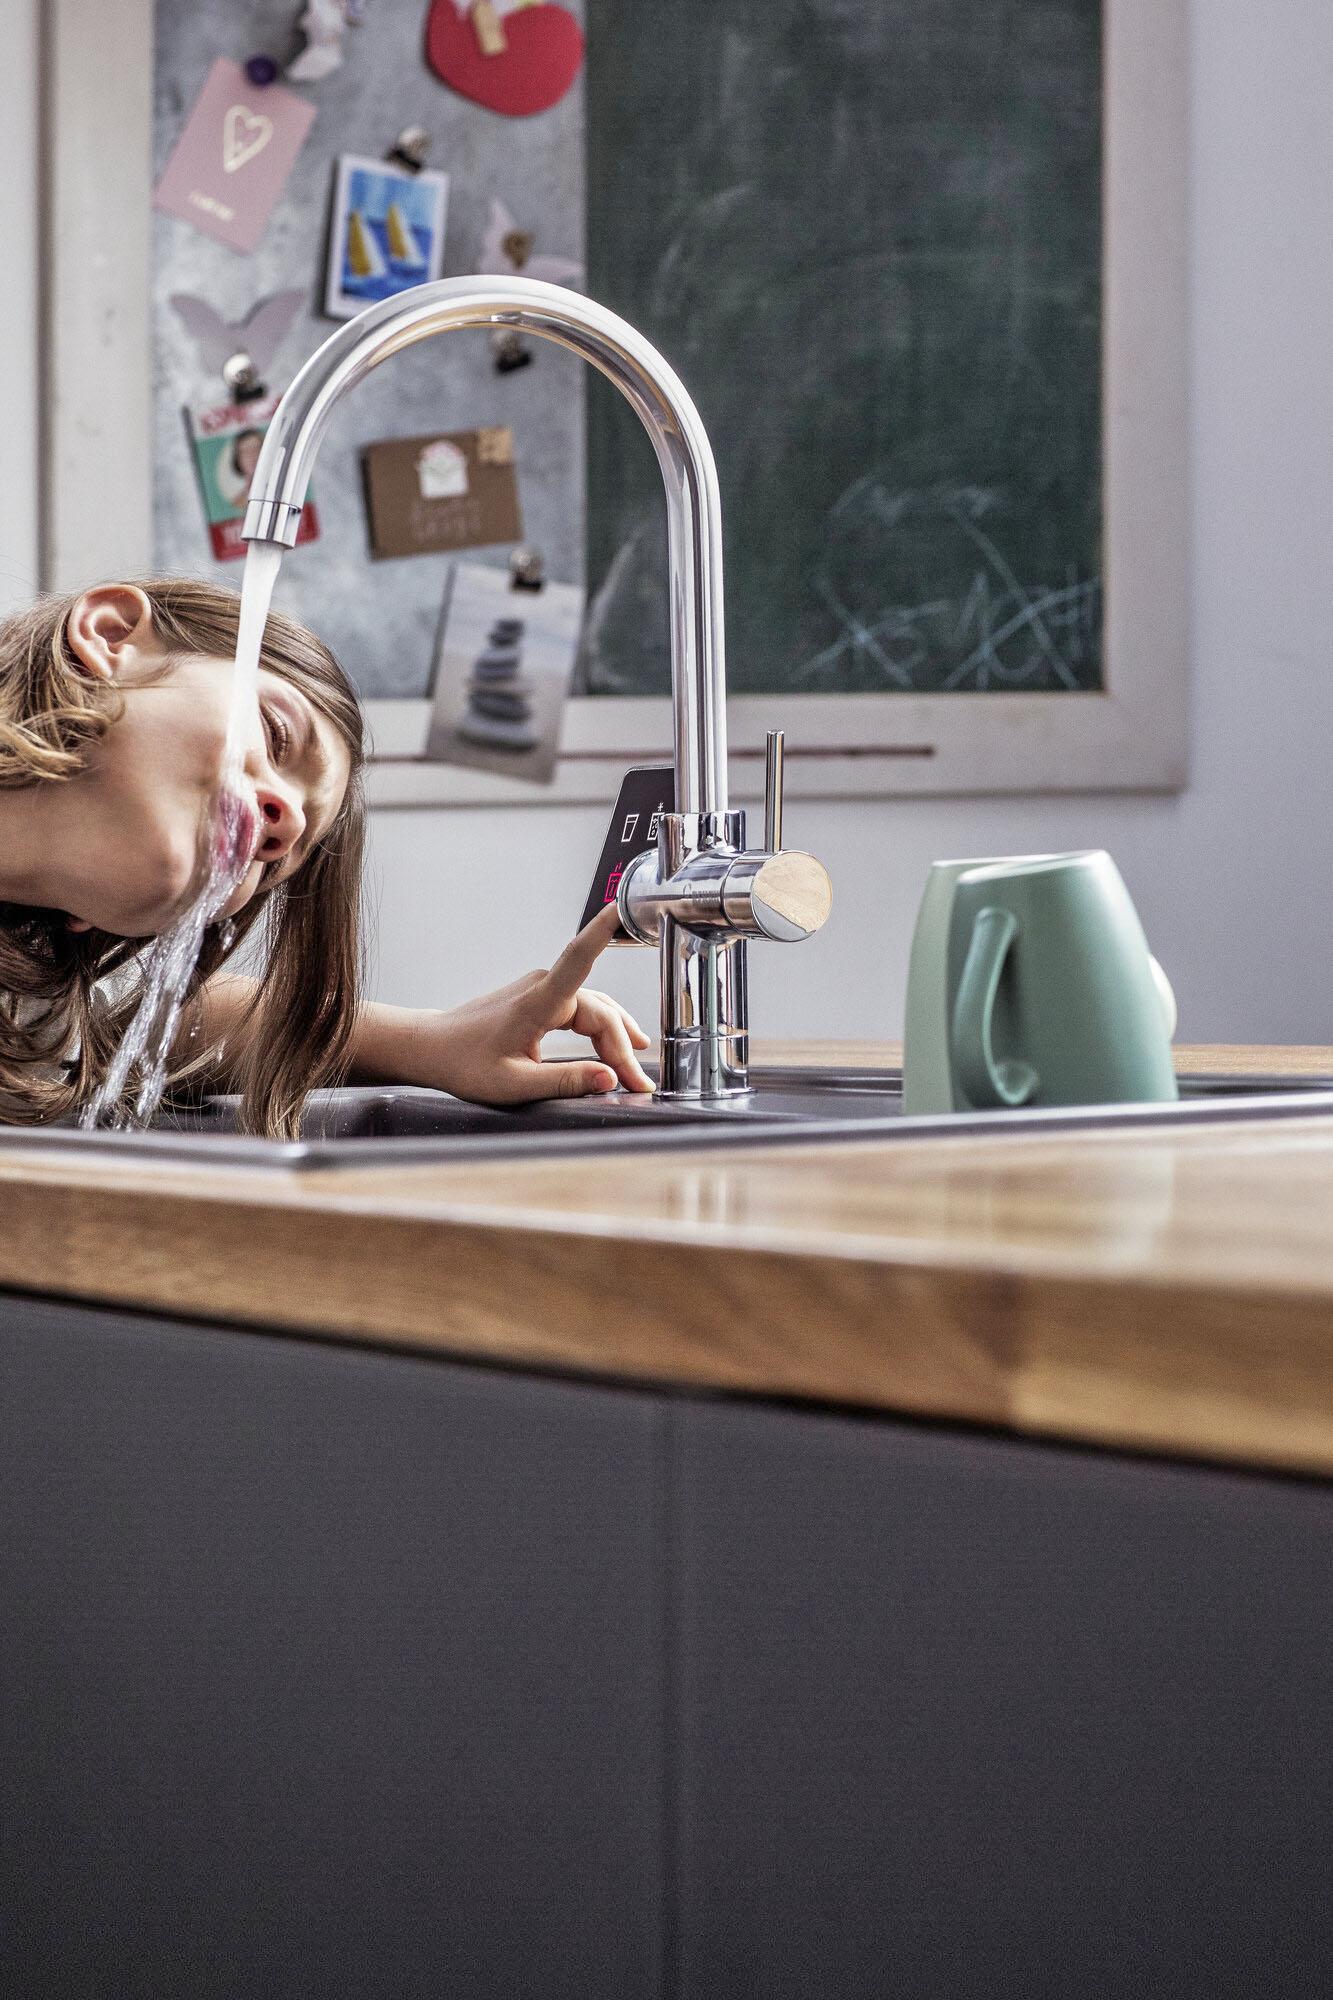 Trinkwasserarmaturen für gefiltertes Wasser